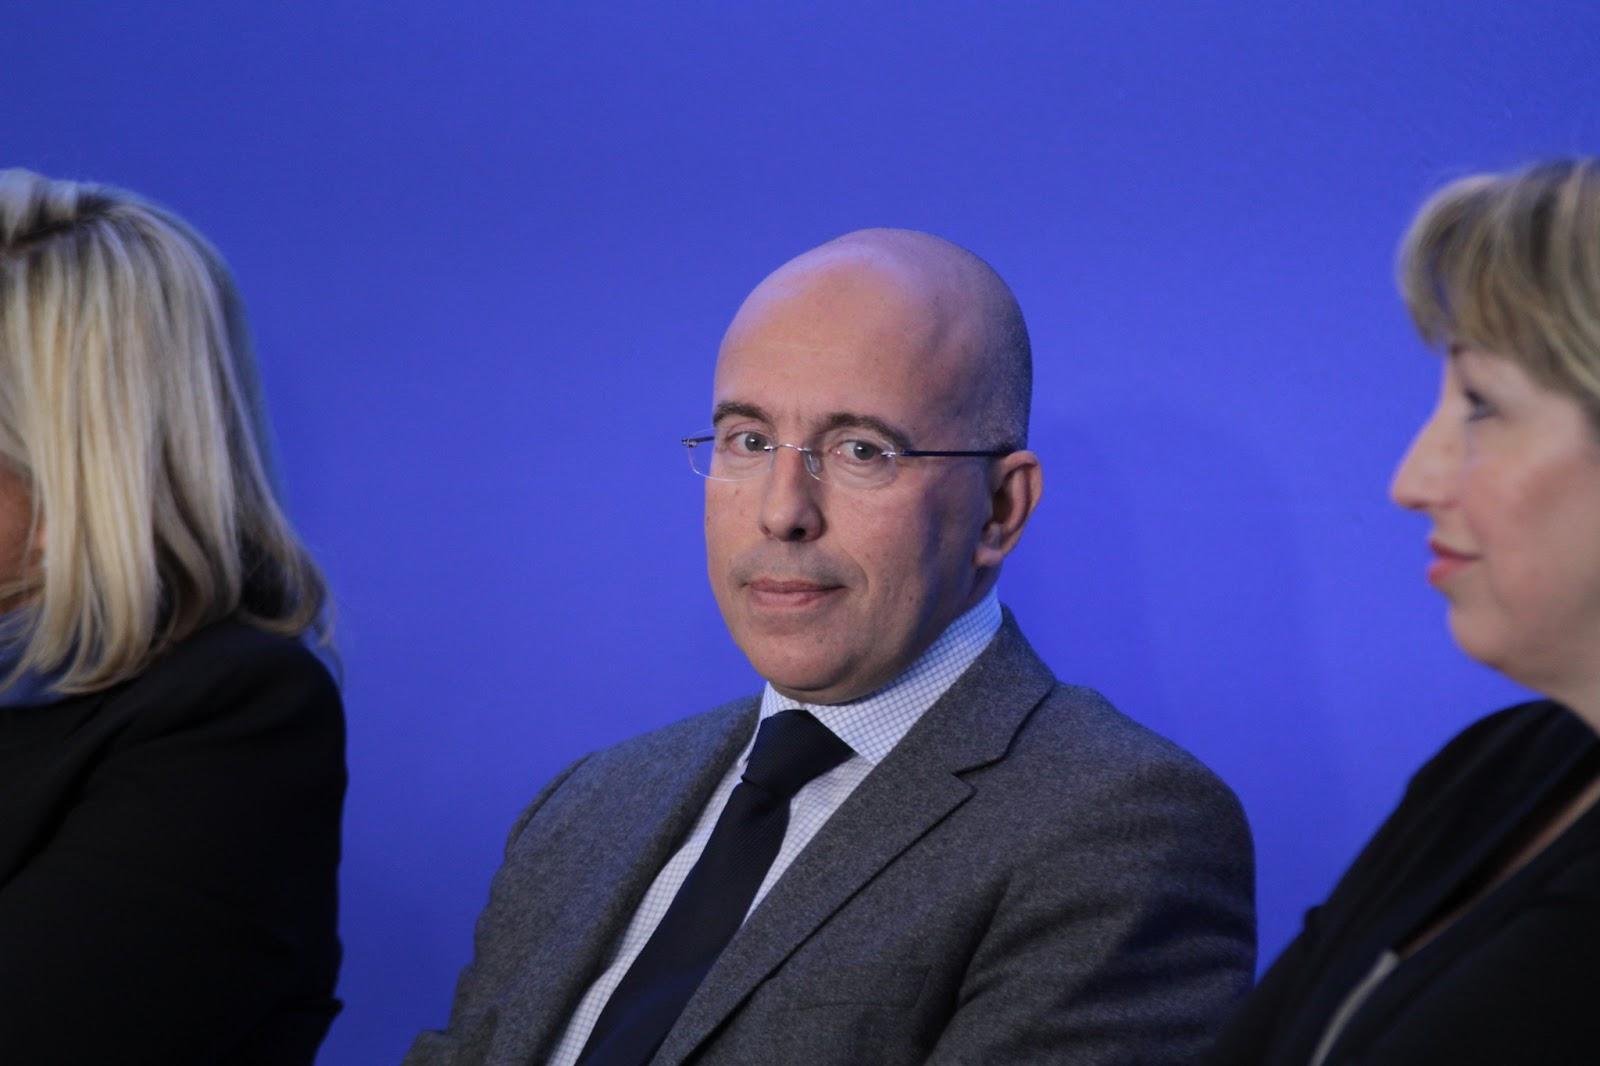 Sondage municipales: Christian Estrosi très haut, Éric Ciotti distancé, la gauche solide